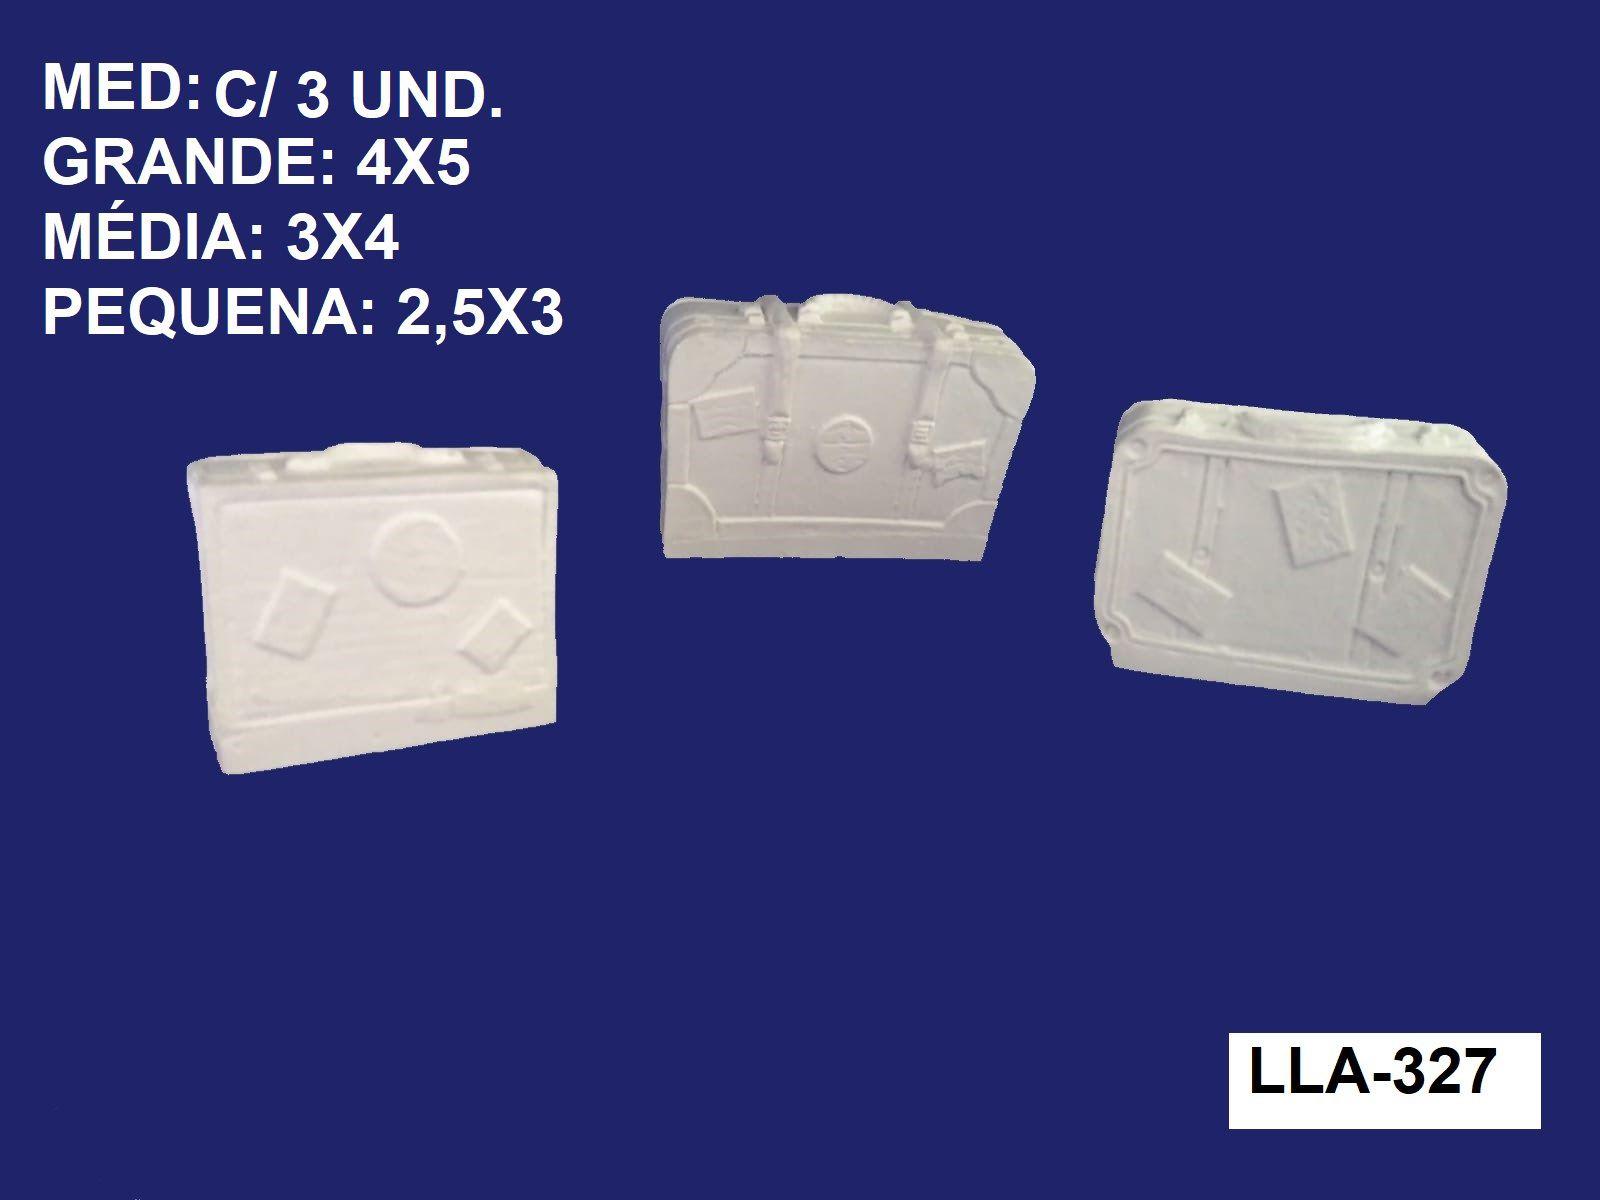 LLA-327 KIT DE MALAS 3D C/ 3 UND. 4X5CM